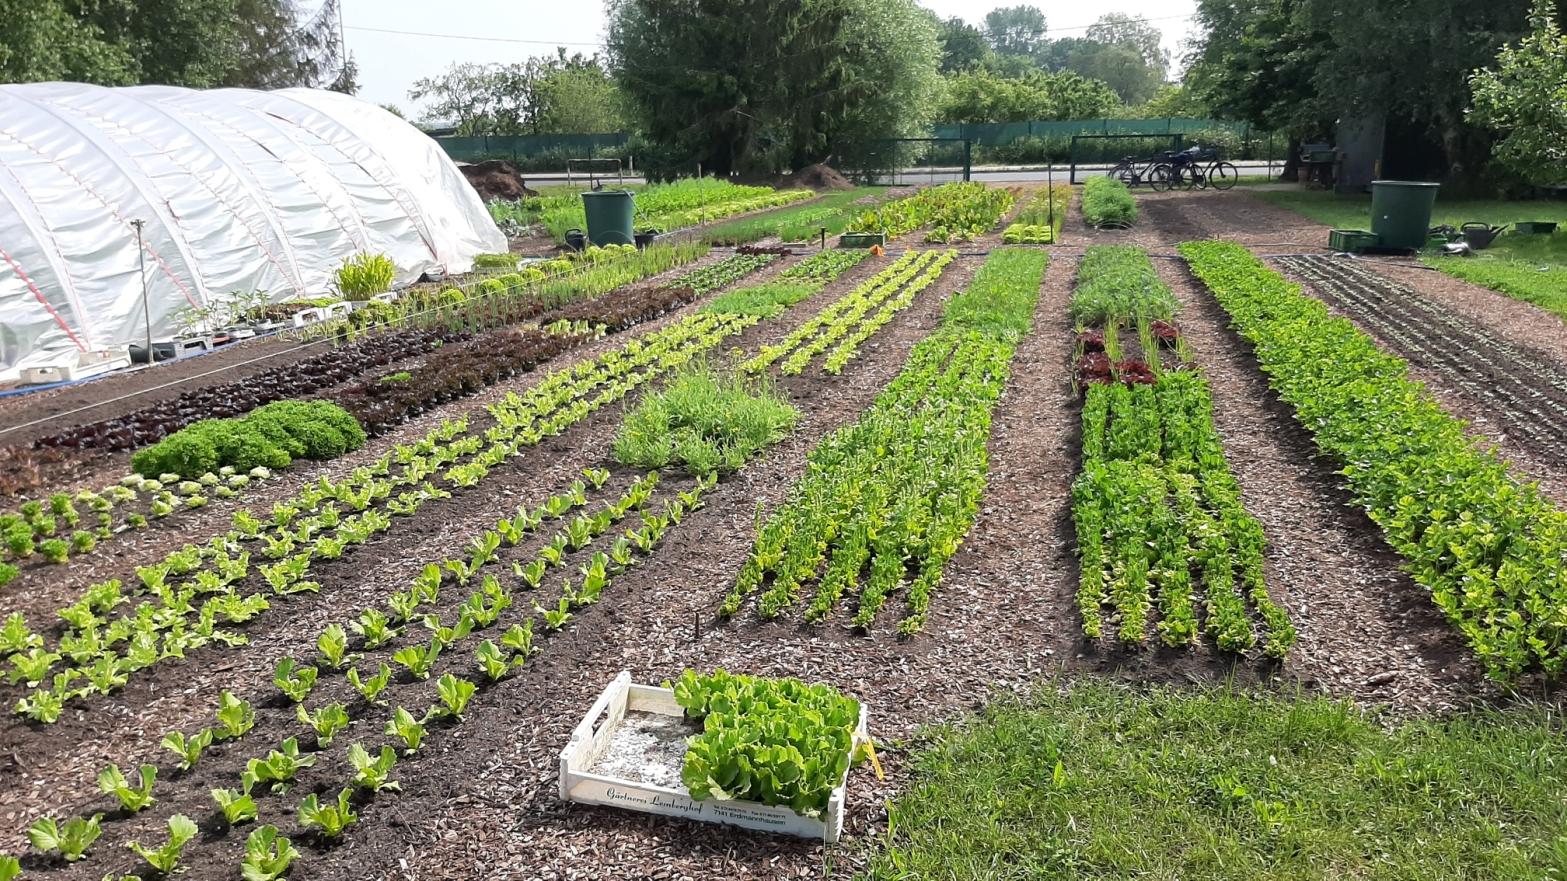 Bild über Beete mit Gemüse und Kräutern